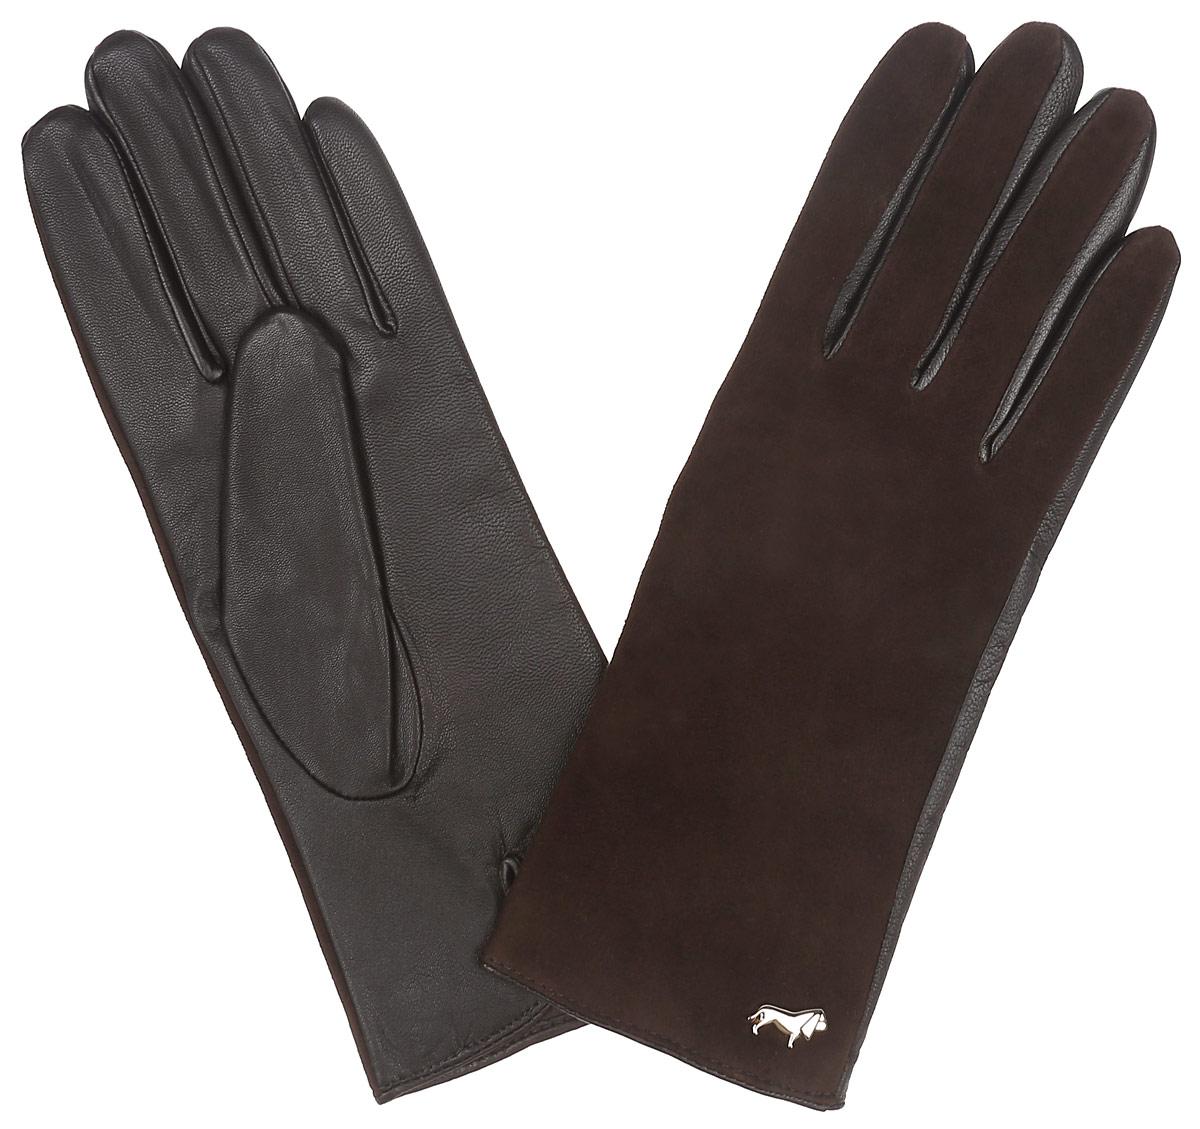 Перчатки женские Labbra, цвет: темно-коричневый. LB-4707. Размер 6,5